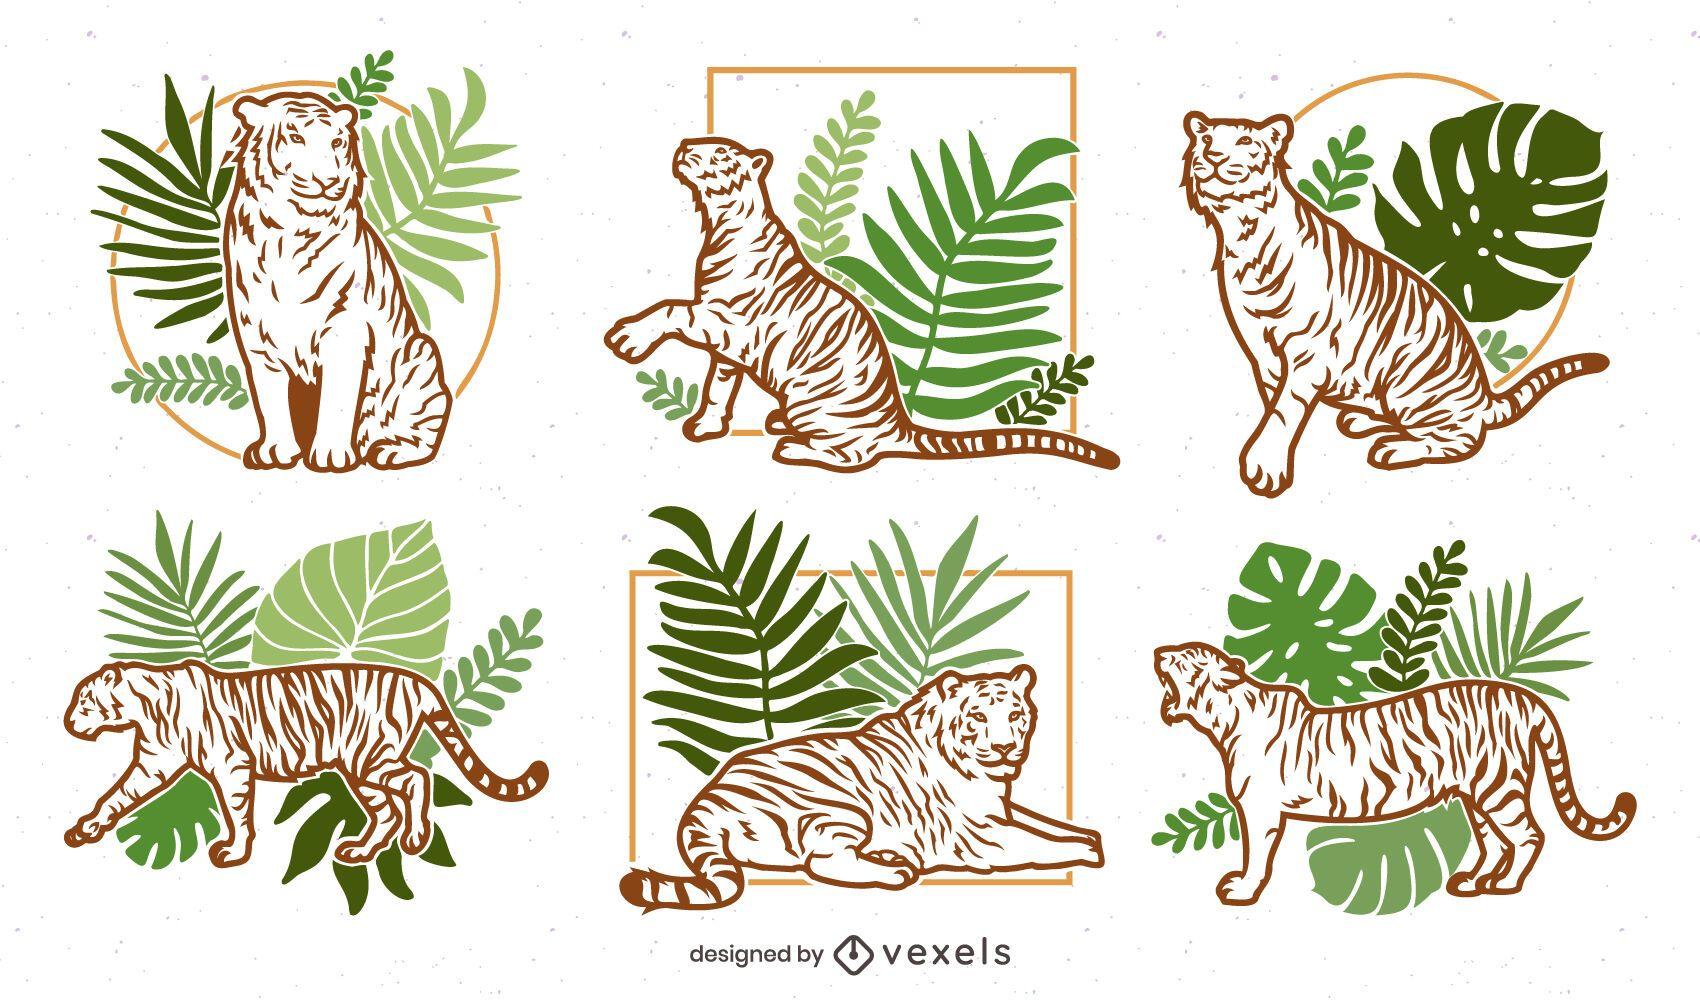 Paquete de diseño de ilustración de la naturaleza del tigre